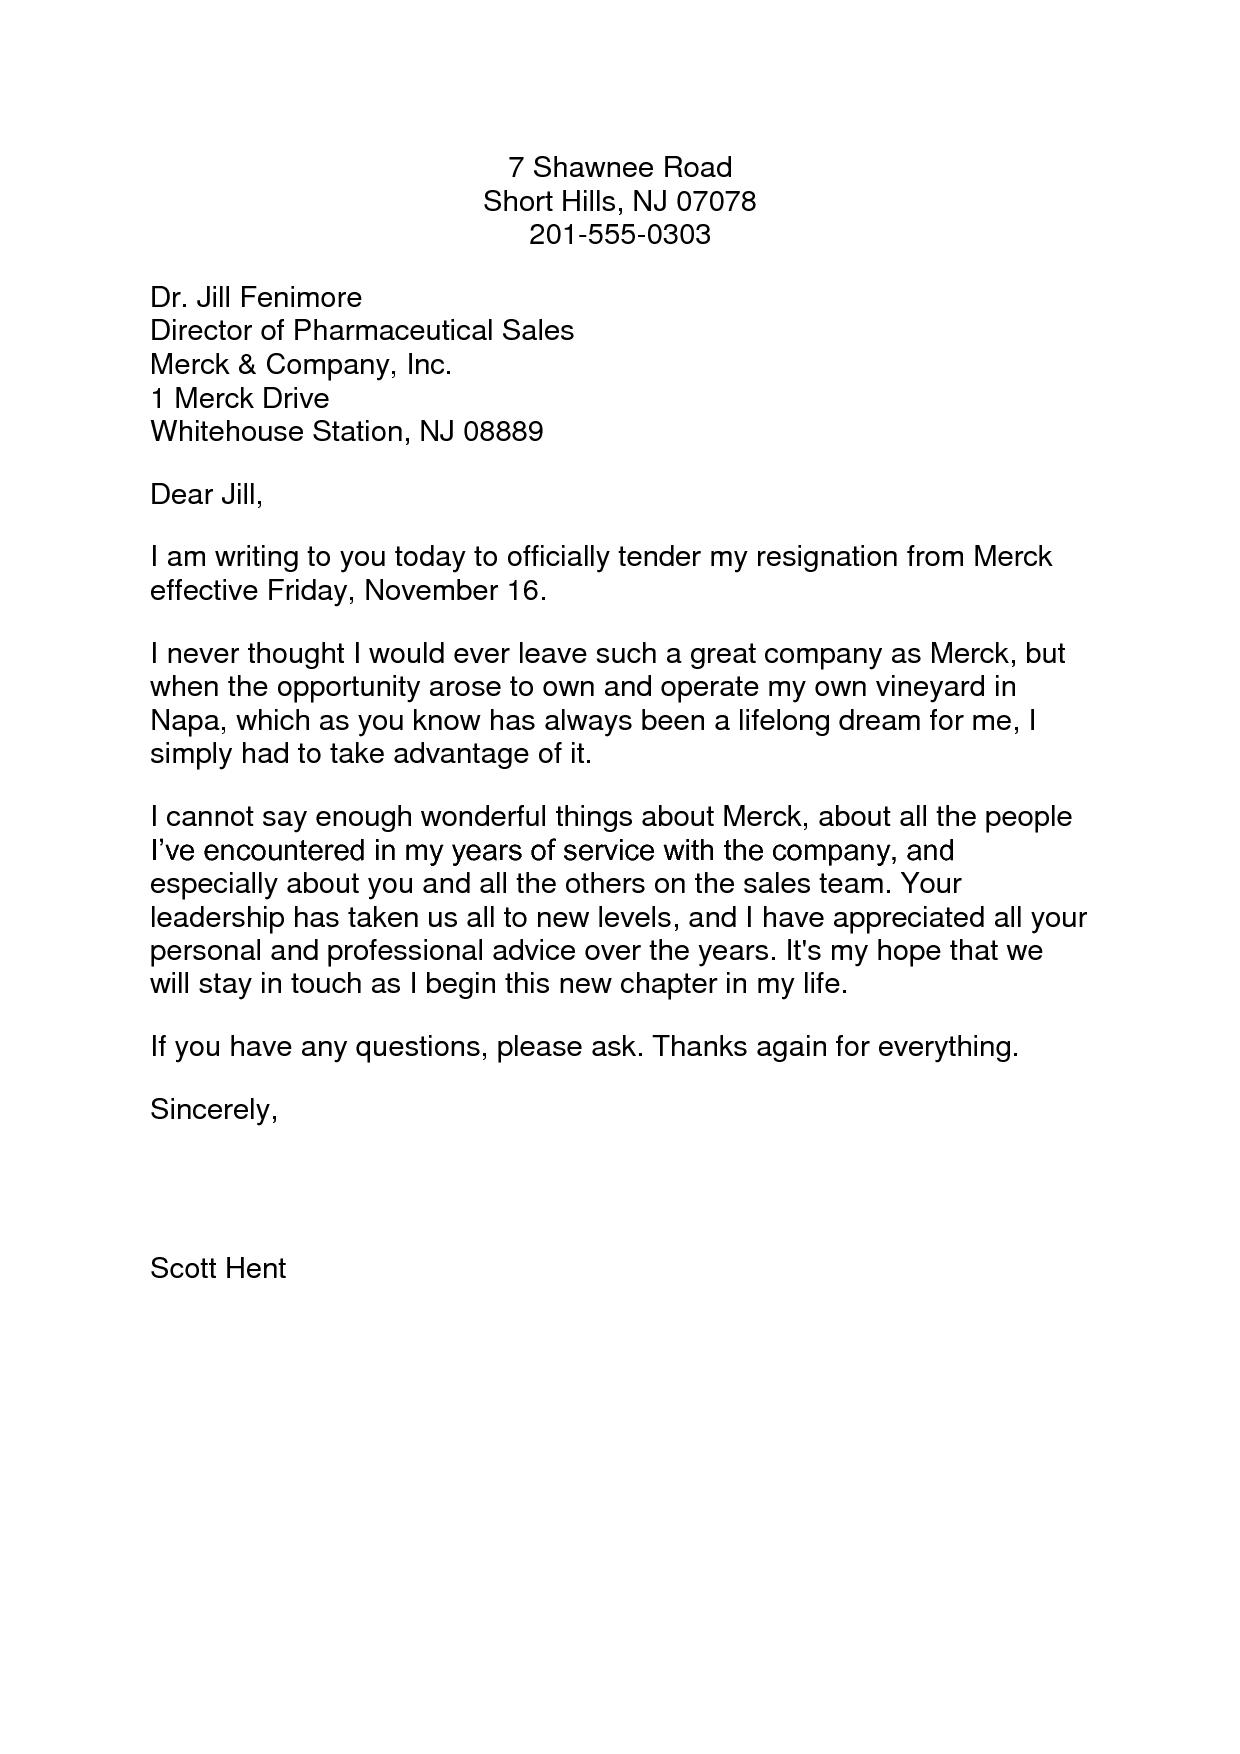 Writing Resignation Letter Template detox nurse cover letter ...